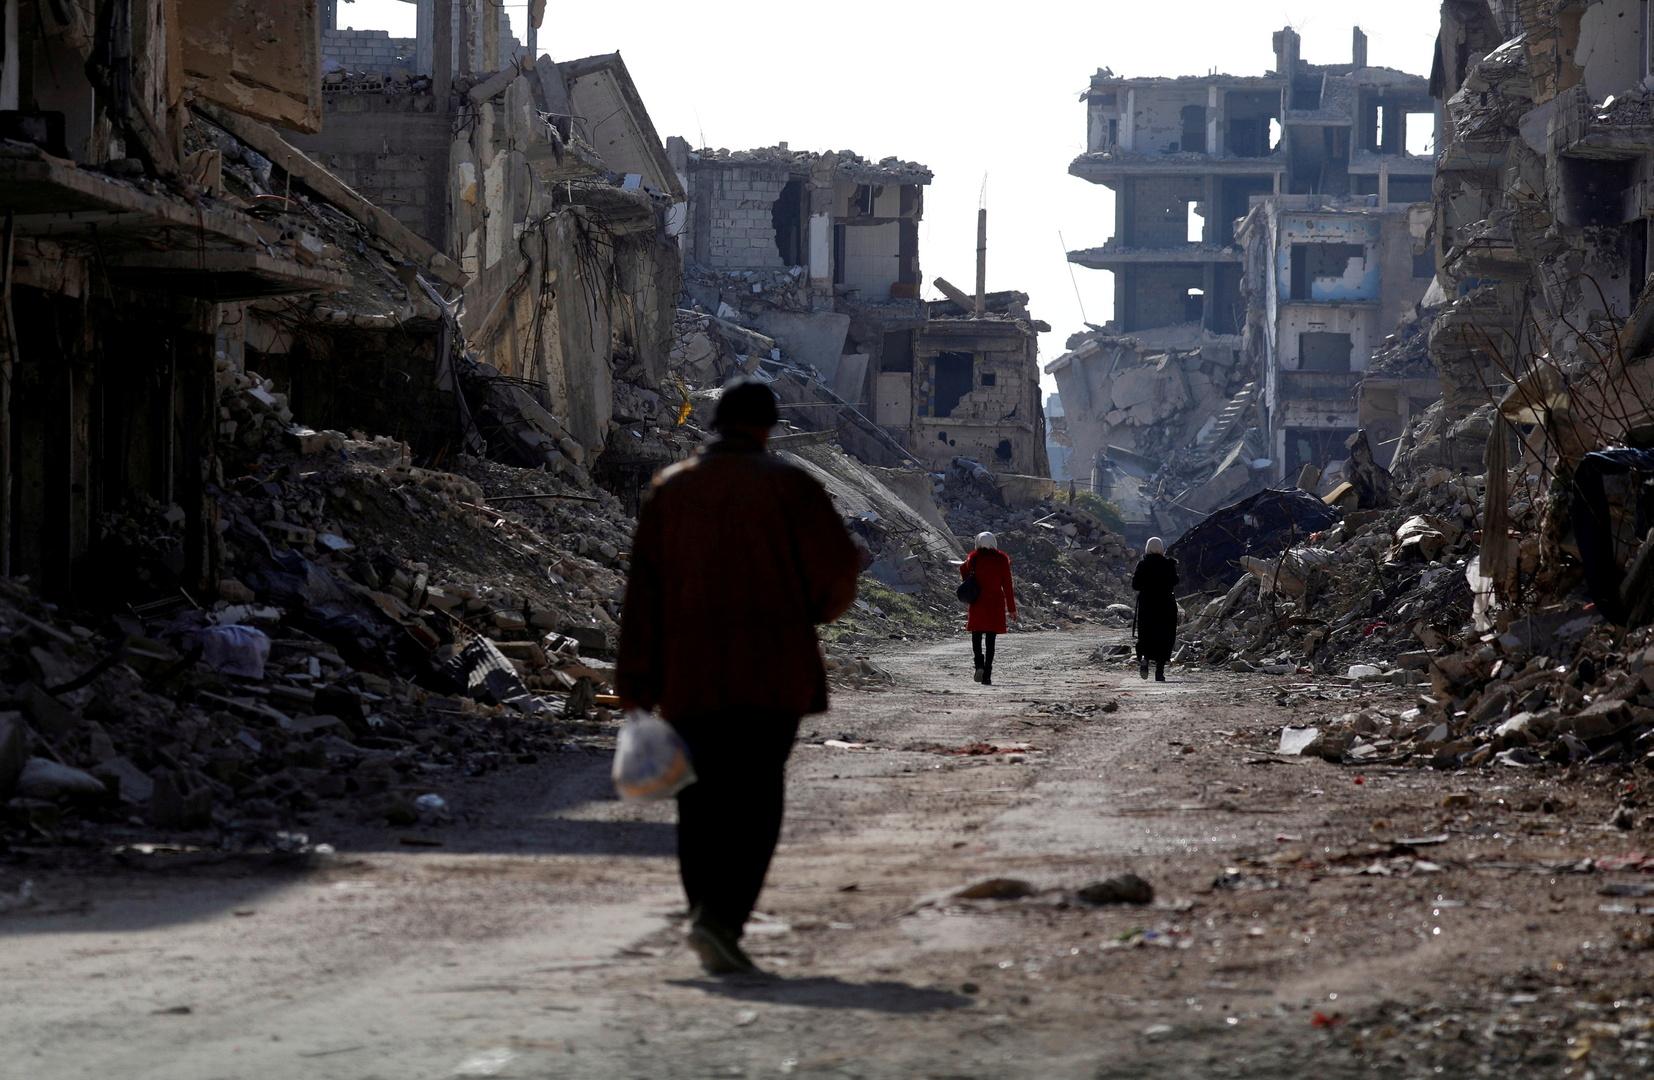 أ ف ب: حصيلة ضحايا النزاع السوري 387 ألف شخص في 9 سنوات